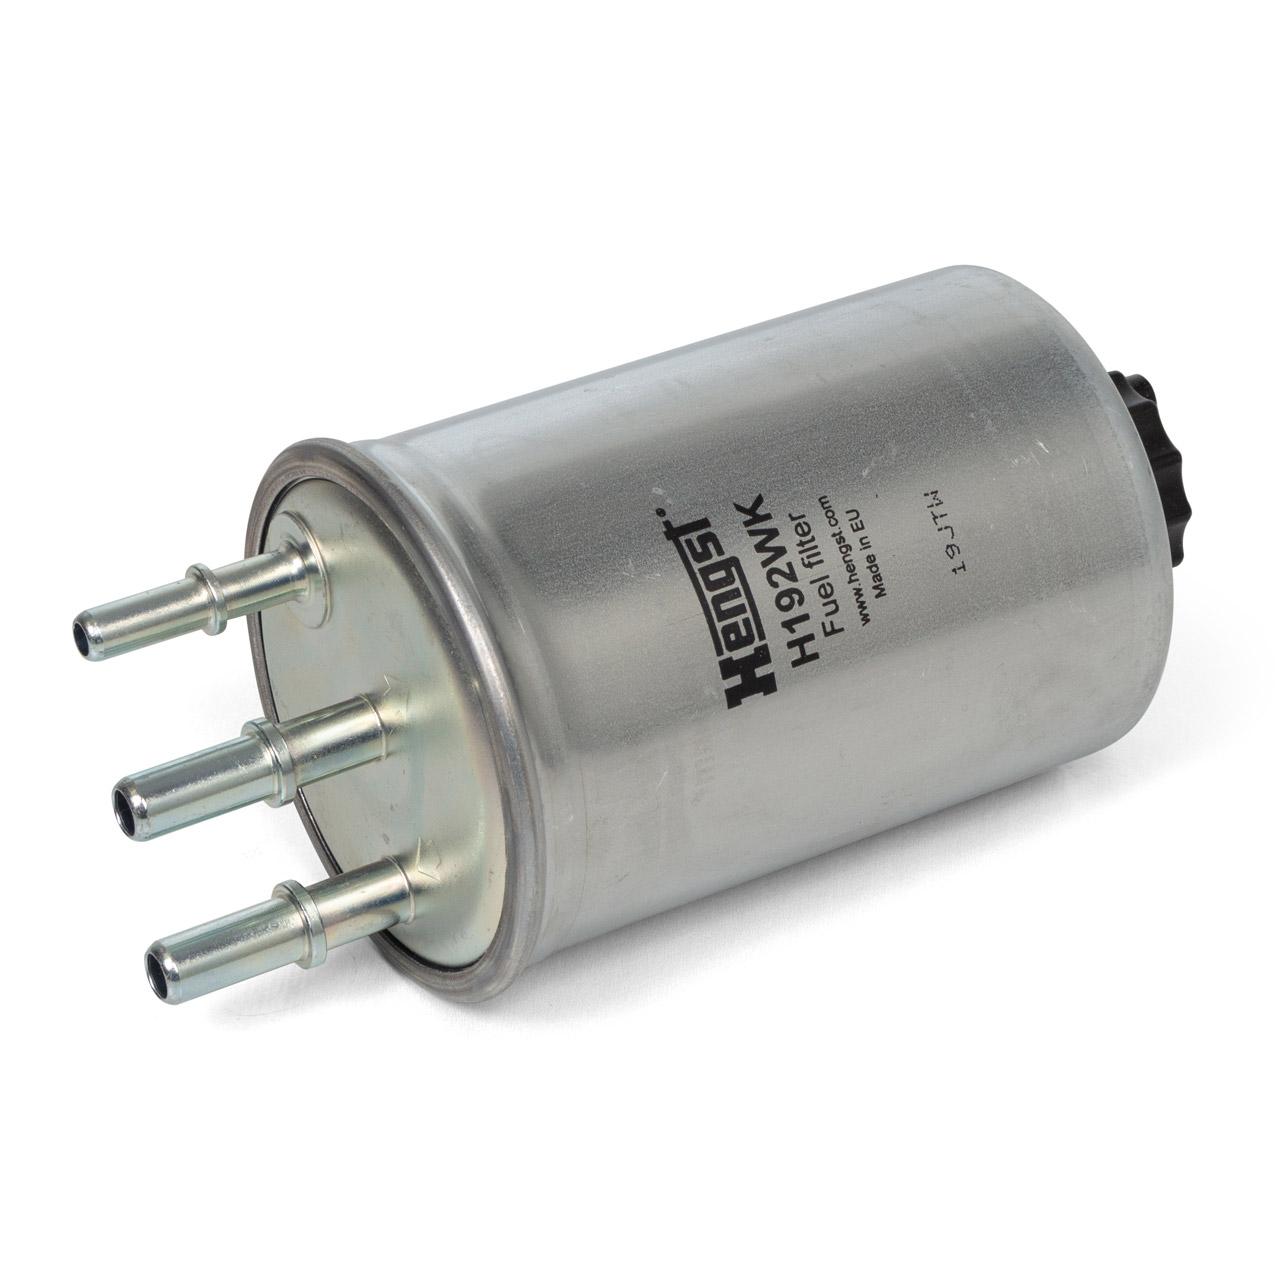 HENGST H192WK Kraftstofffilter für FORD FOCUS I 1.8 TDCi MONDEO III 2.0/2.2 TDCi